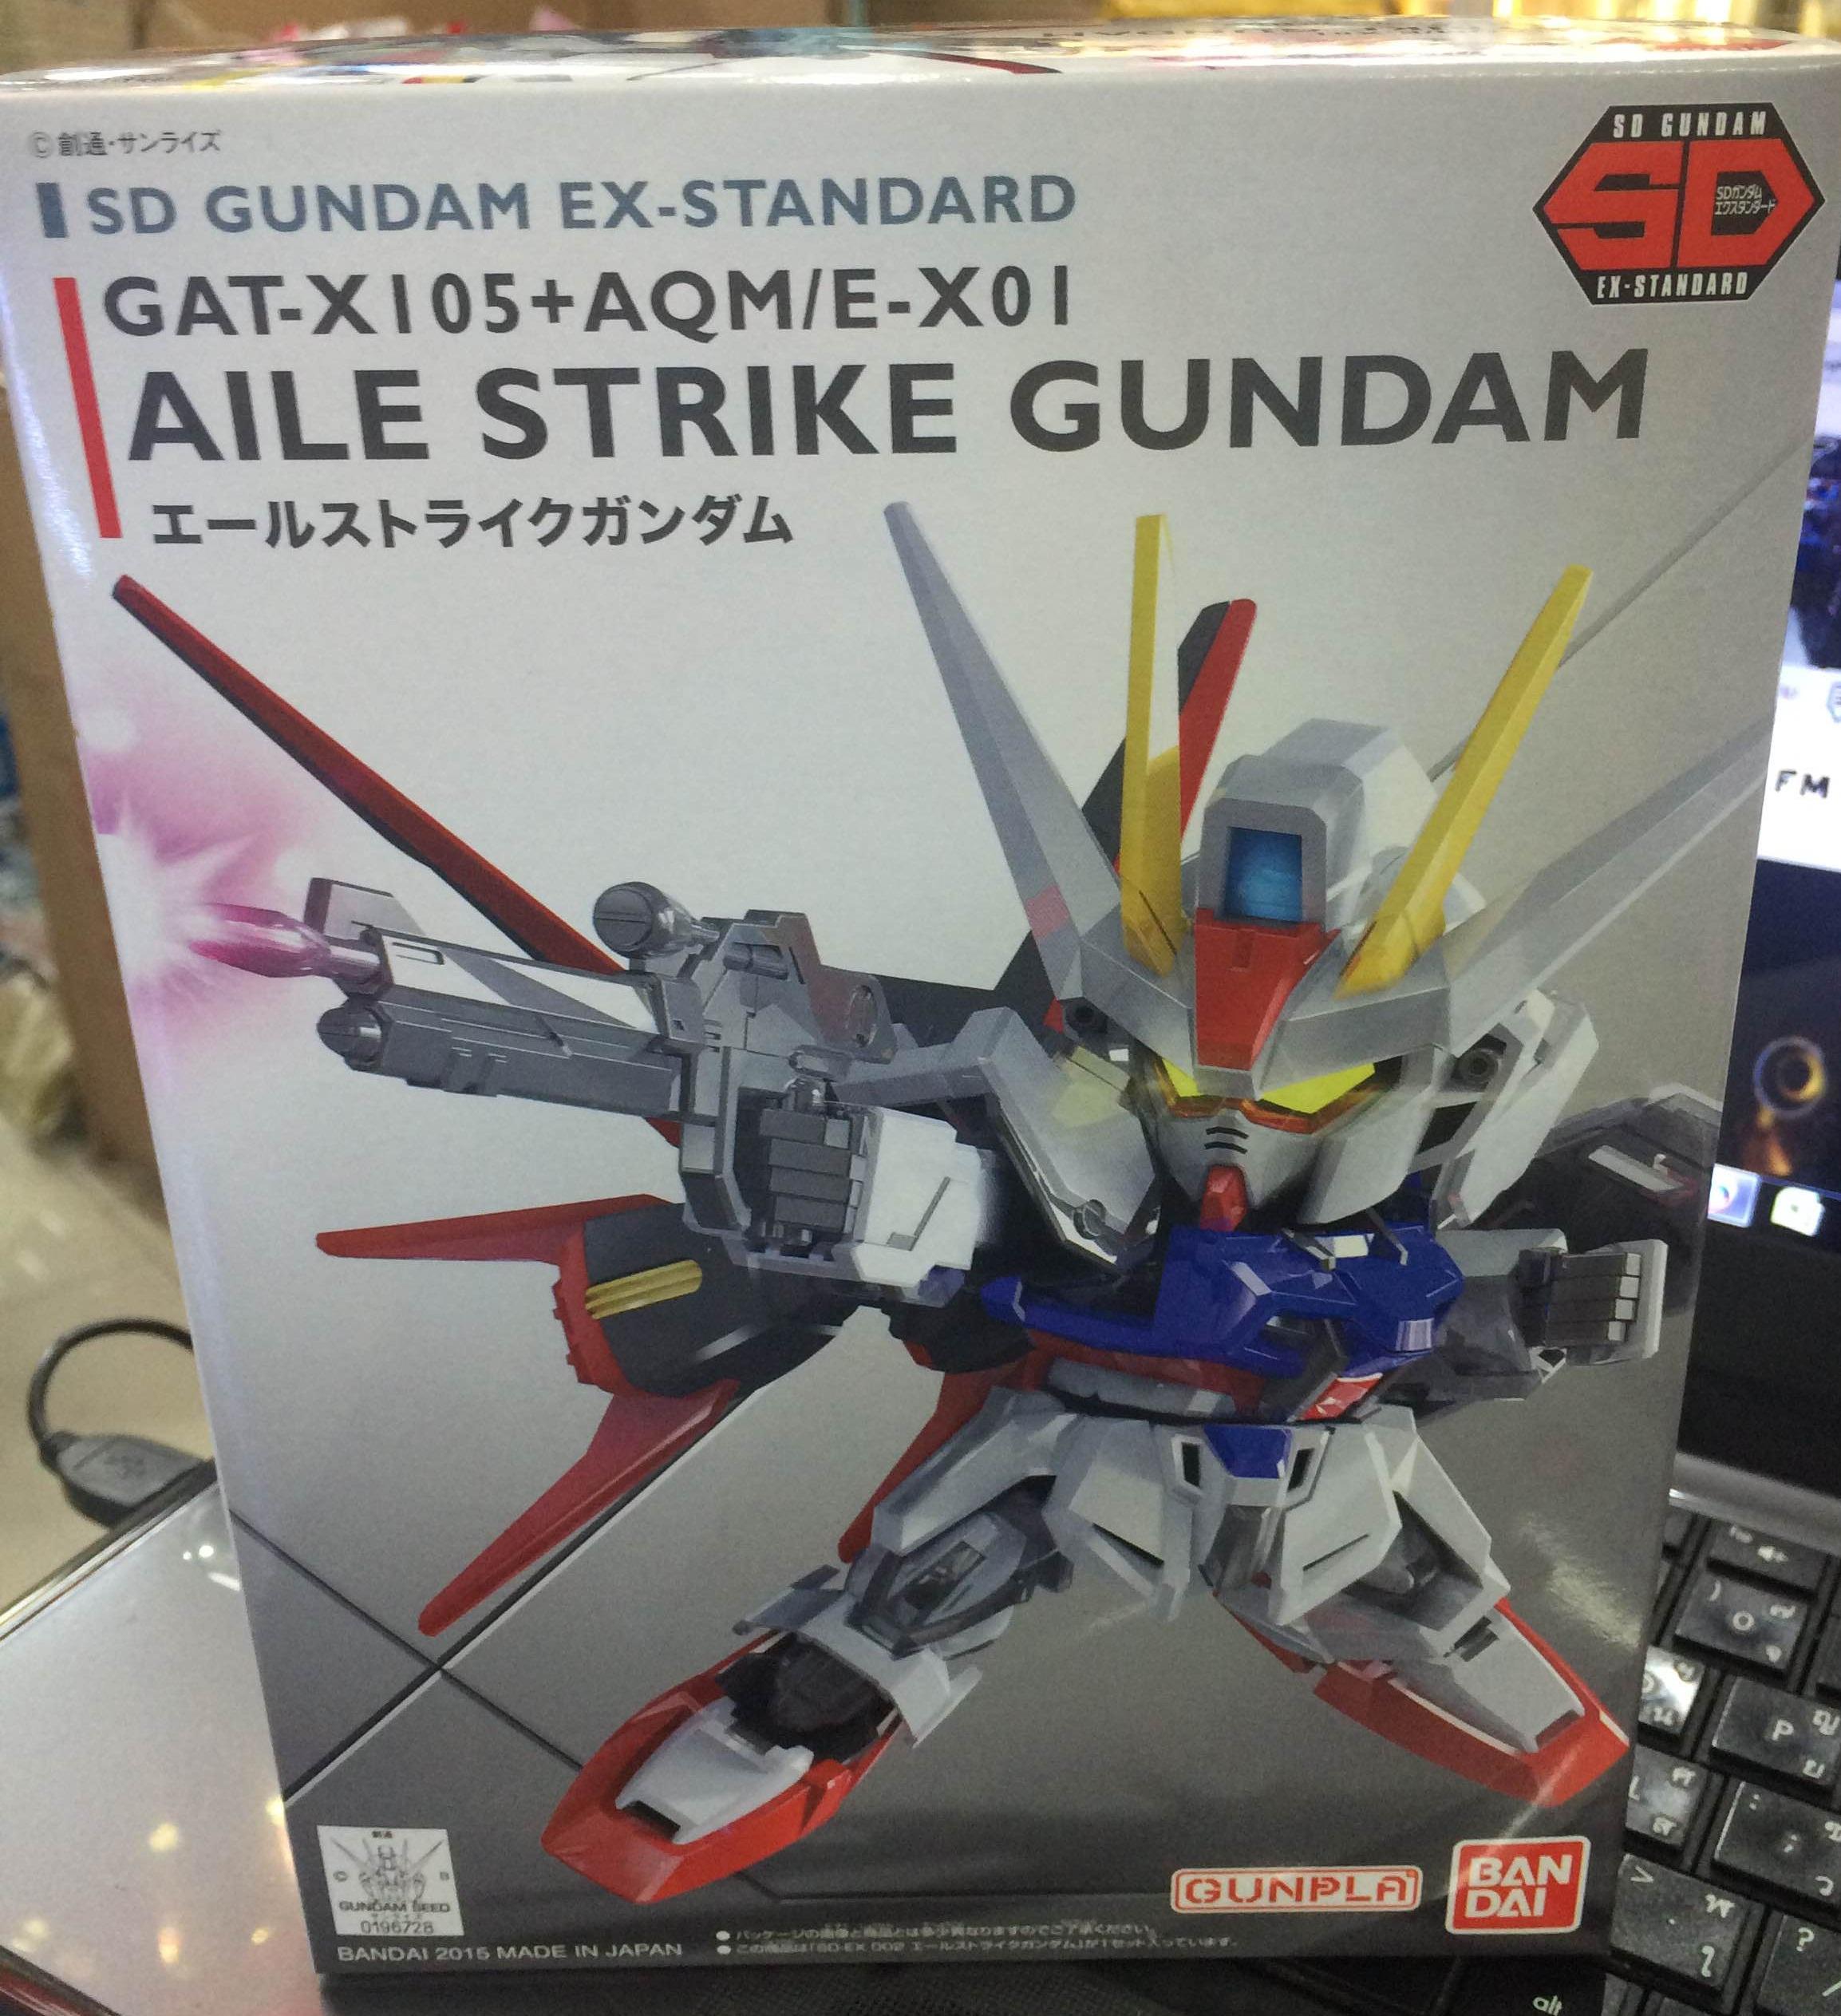 SD AILE STRIKE GUNDAM